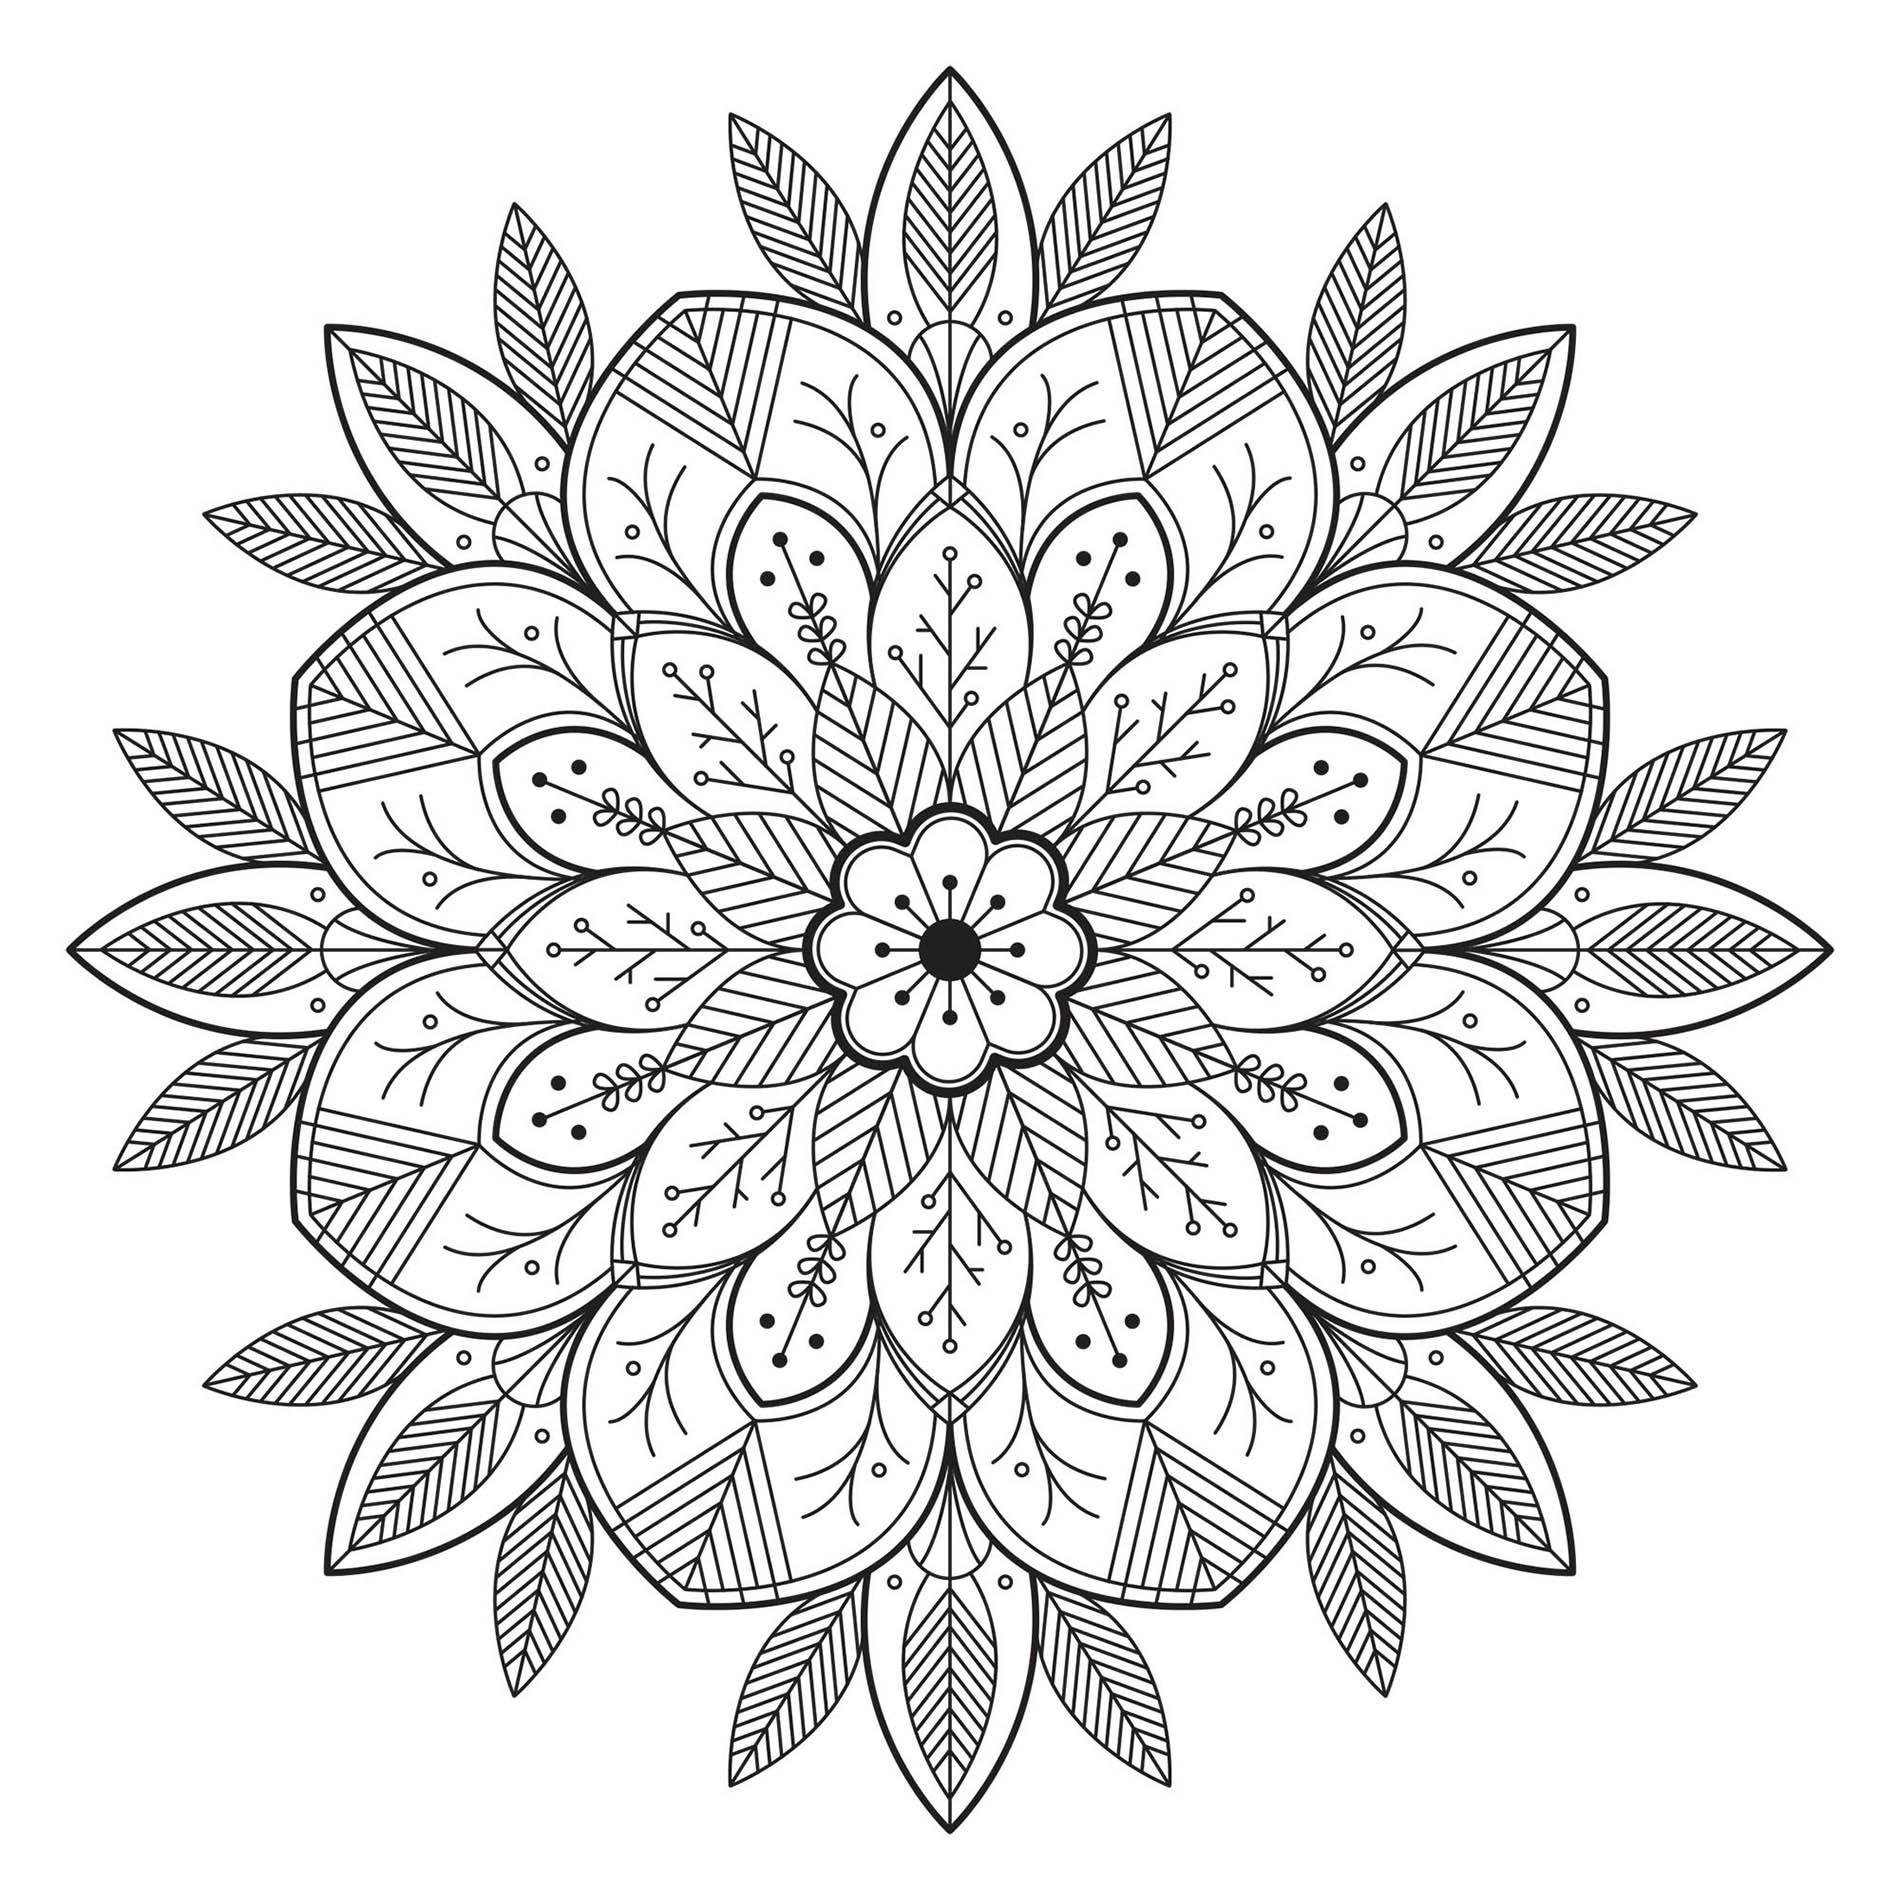 Mandala avec feuilles et fleurs coloriage mandalas coloriages pour enfants - Coloriage magnifique ...